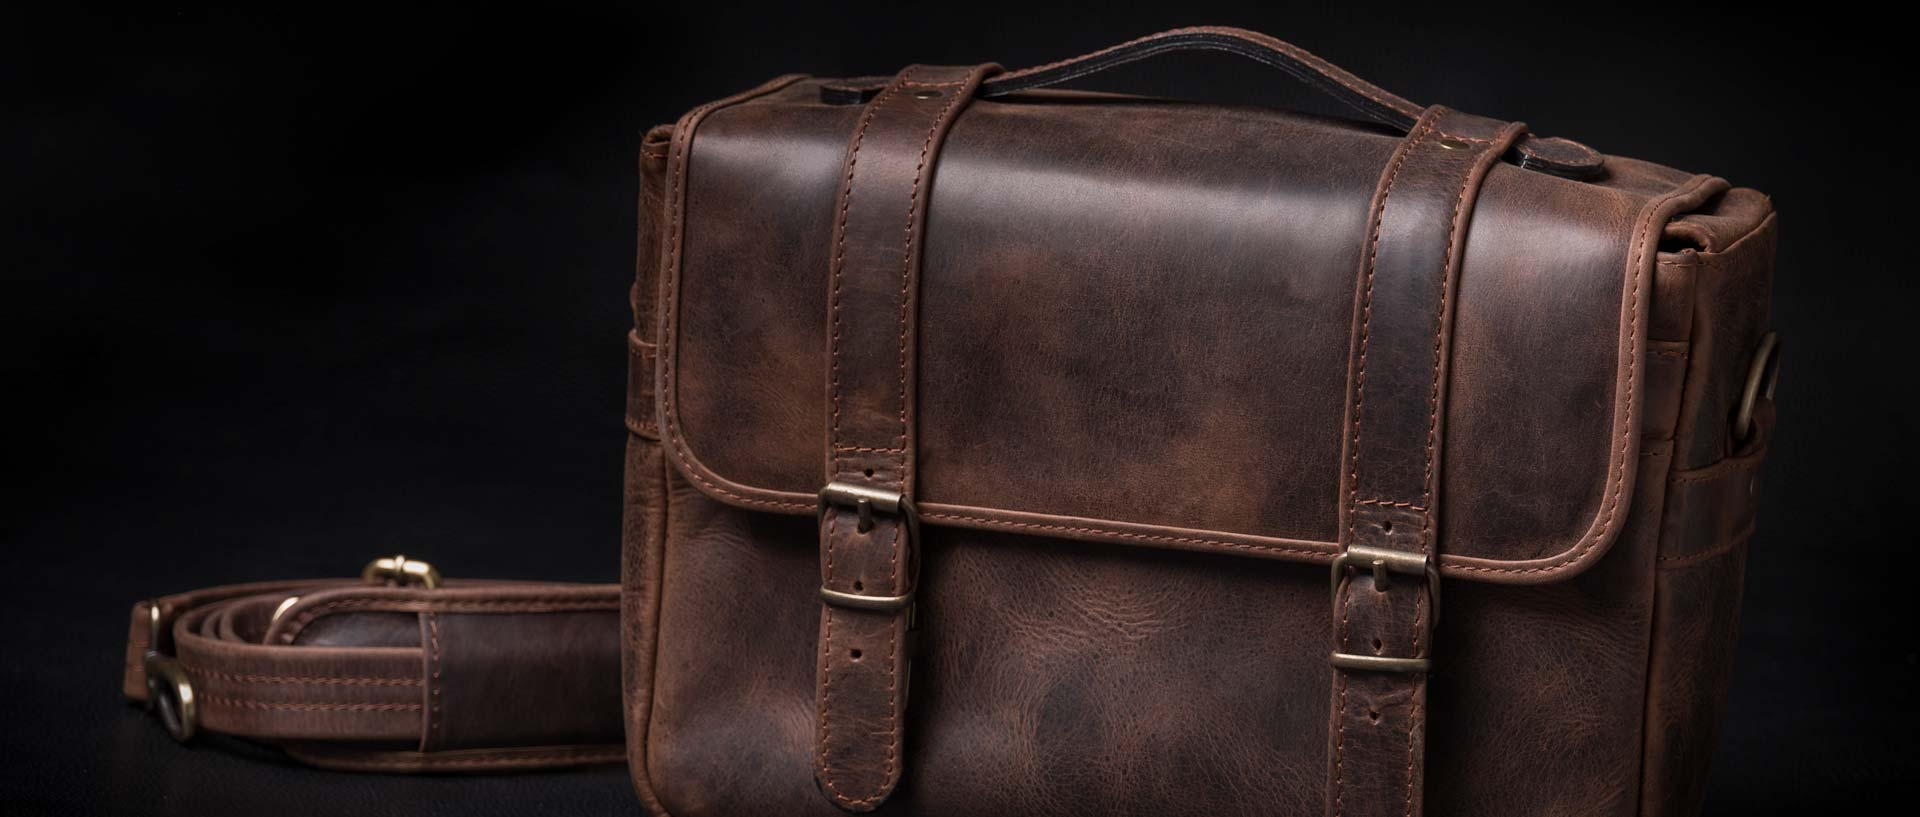 Havana Bags